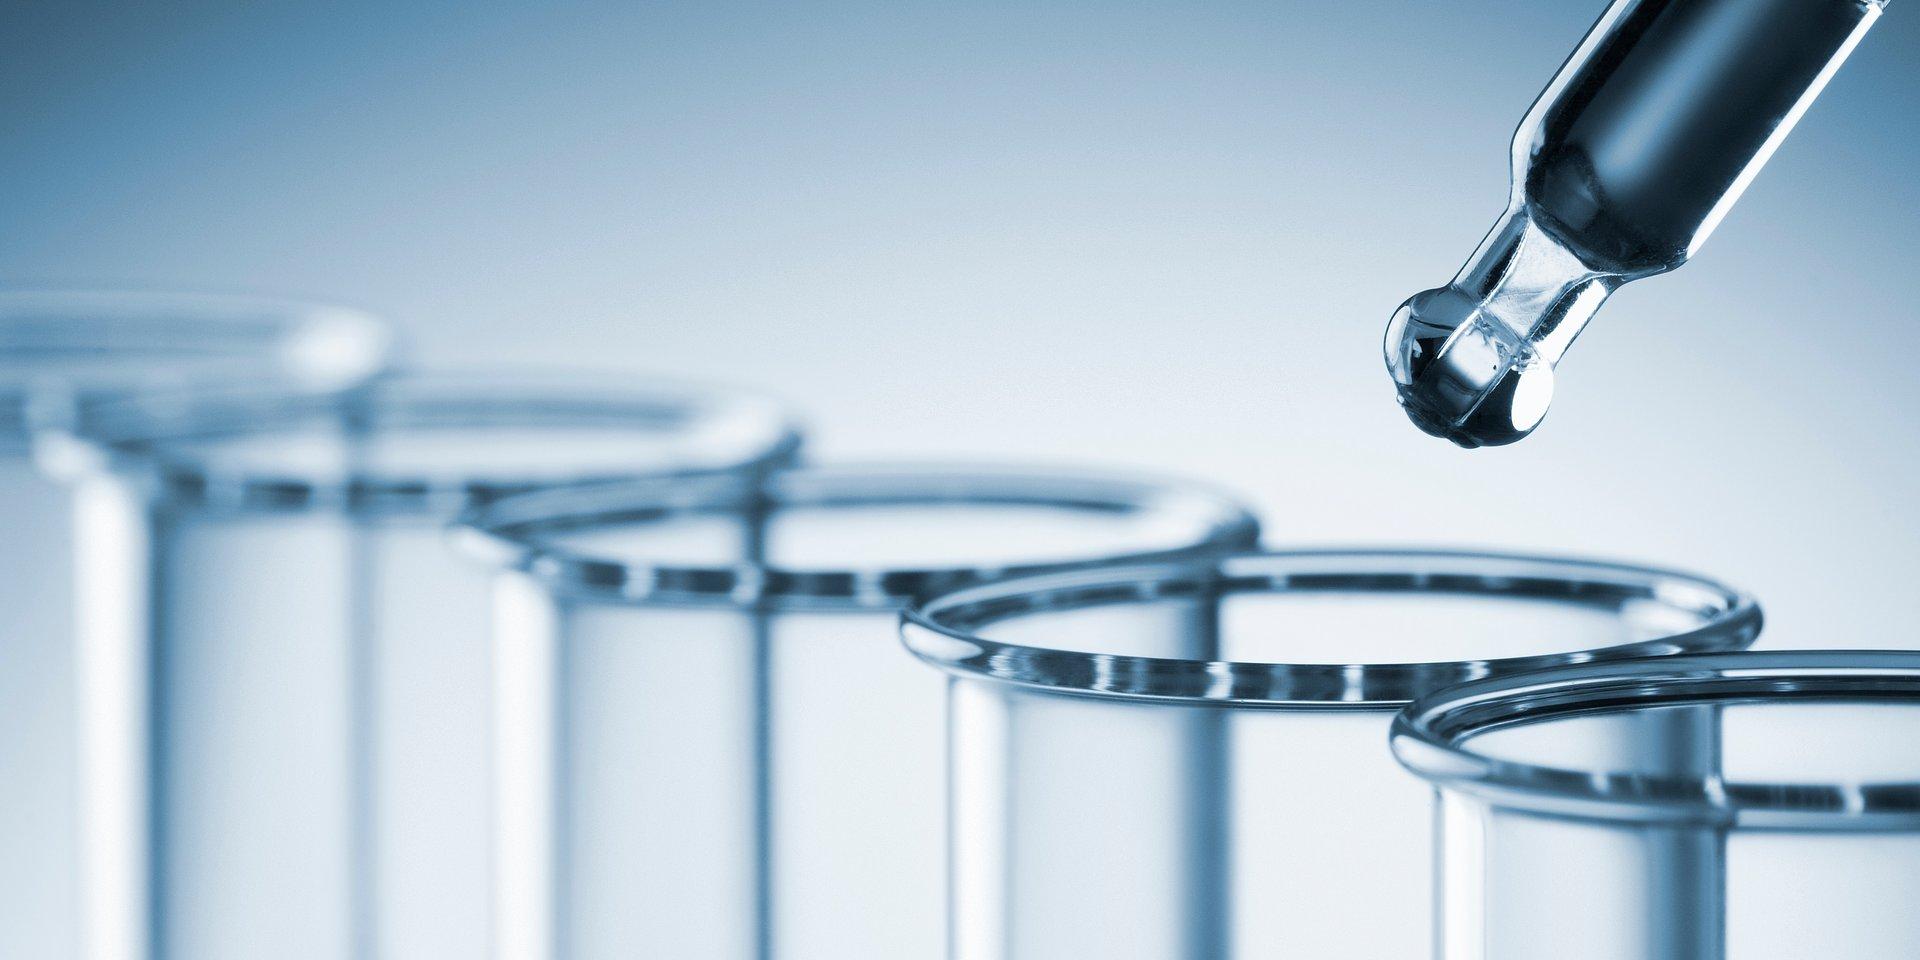 Produkty 3M z Wrocławia wspierają przemysł biofarmaceutyczny  w czasie pandemii COVID-19